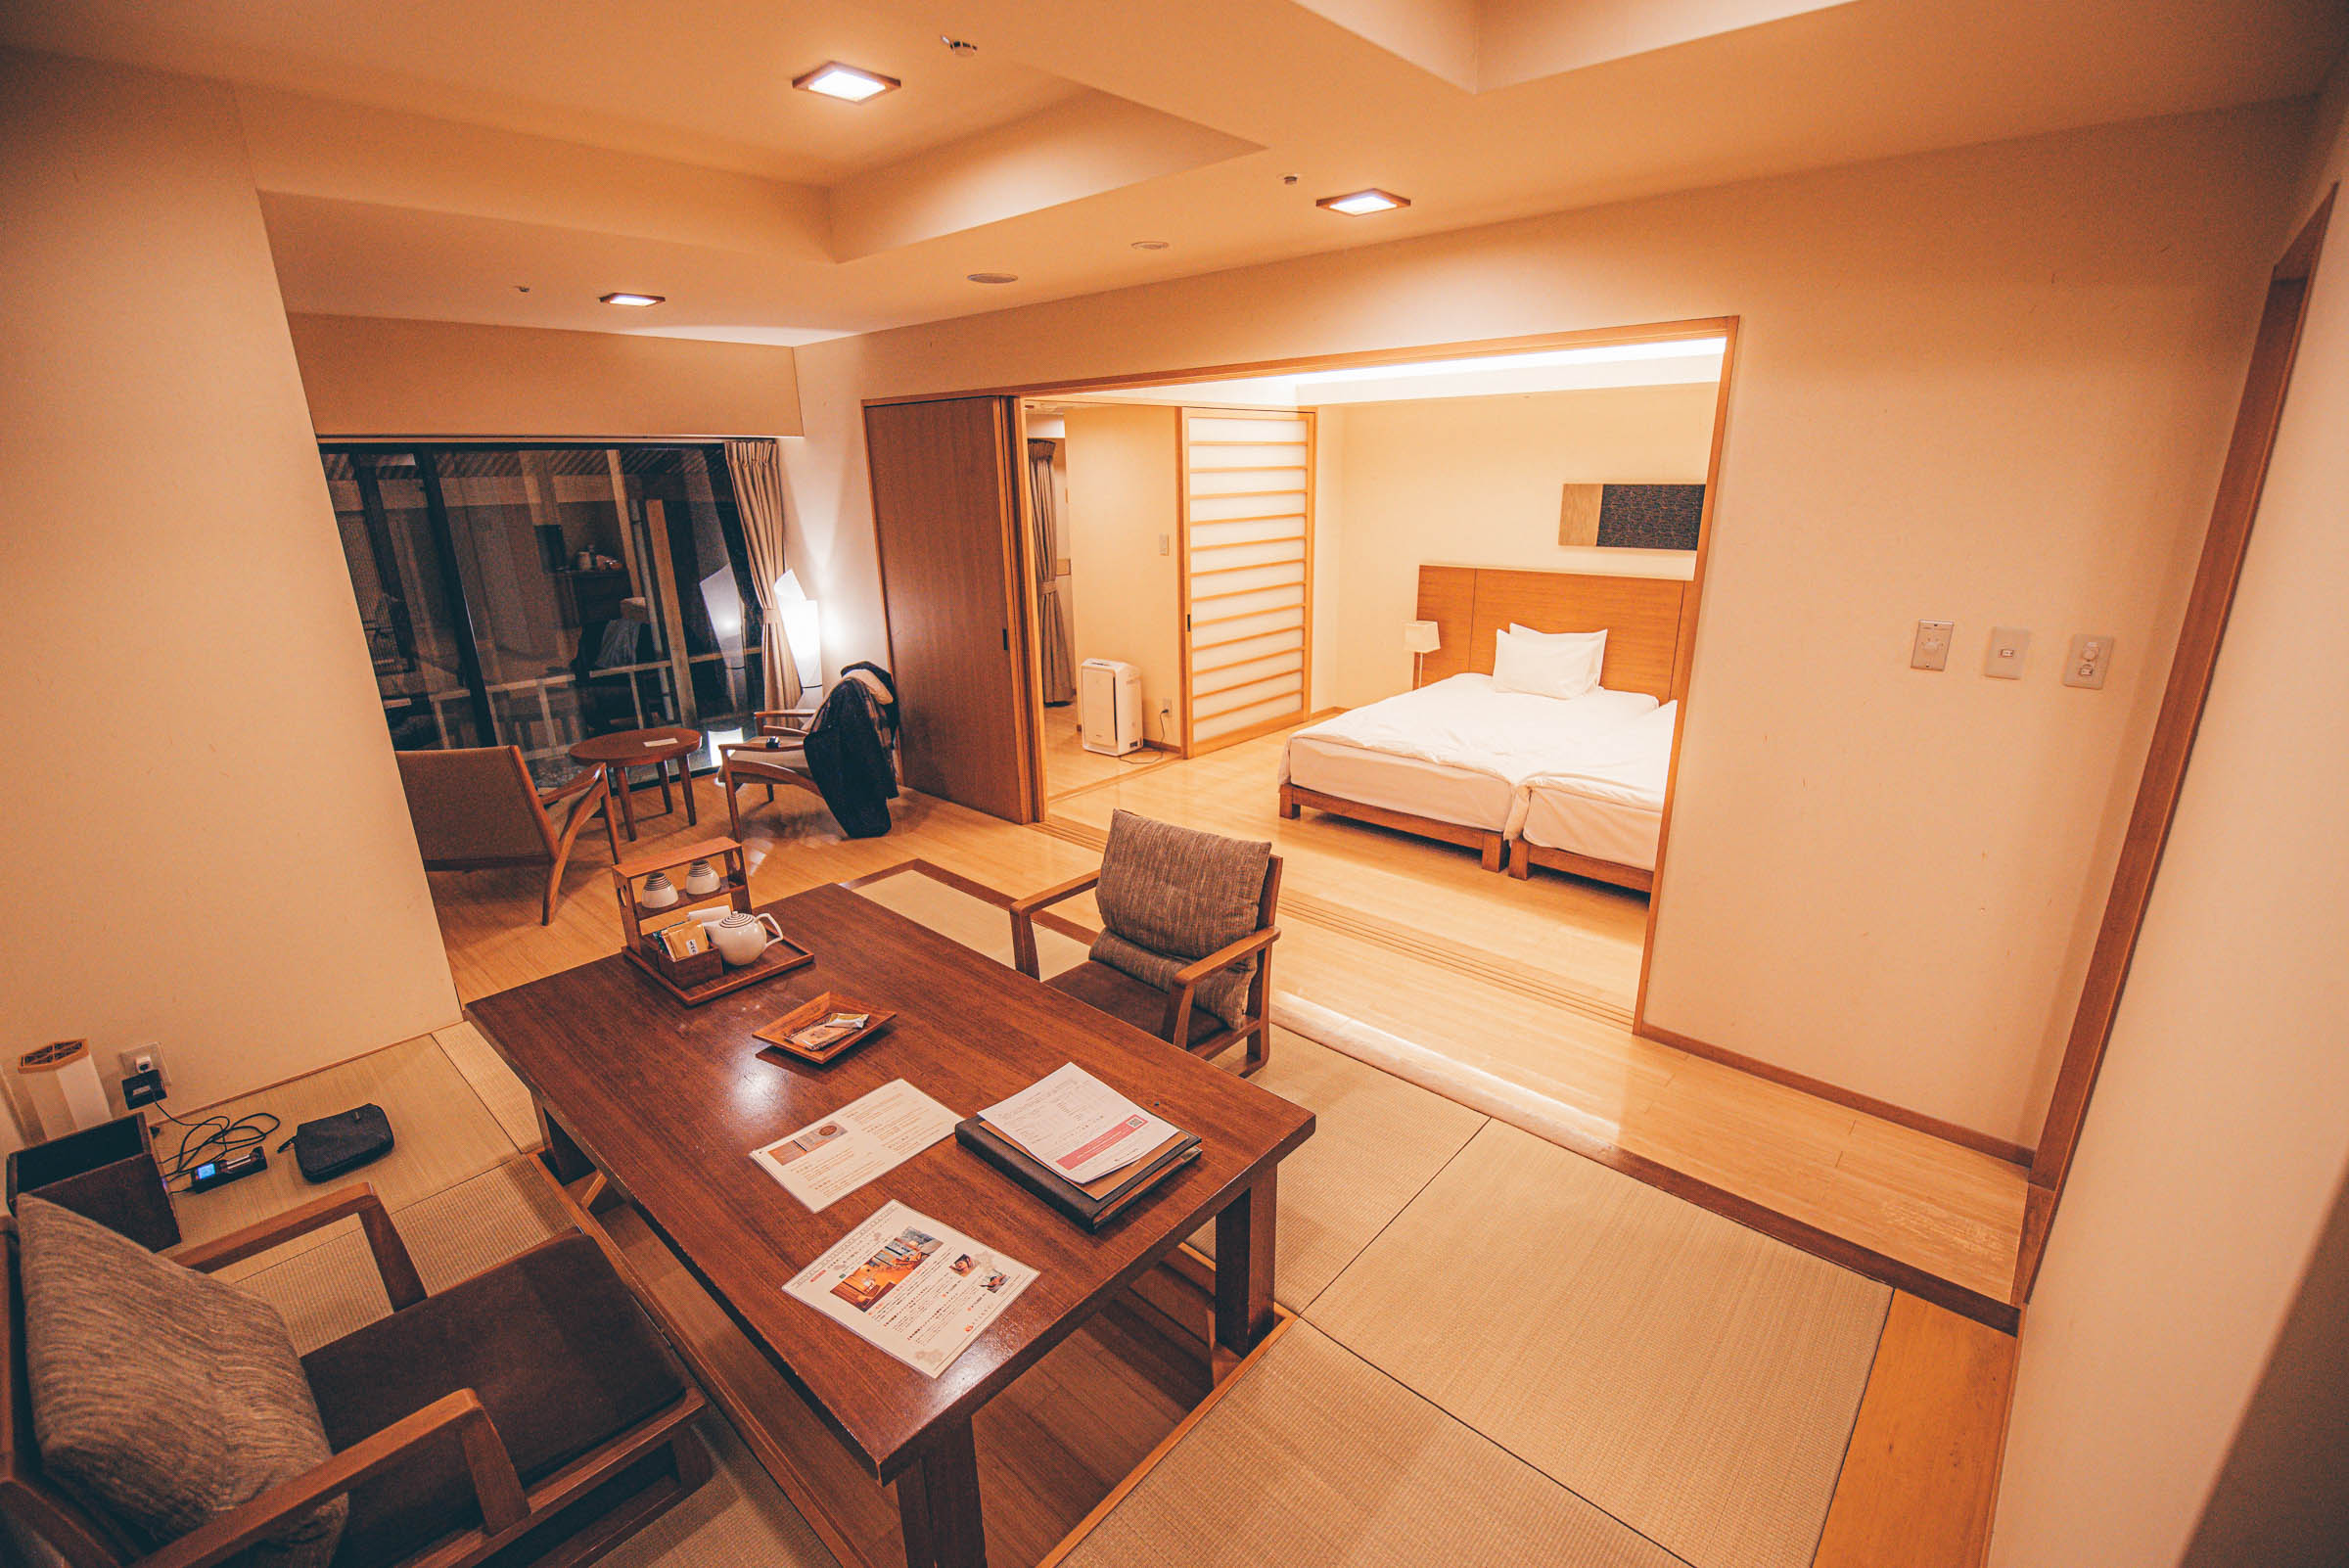 Hotel Hatsuhana - Hakone, Japan